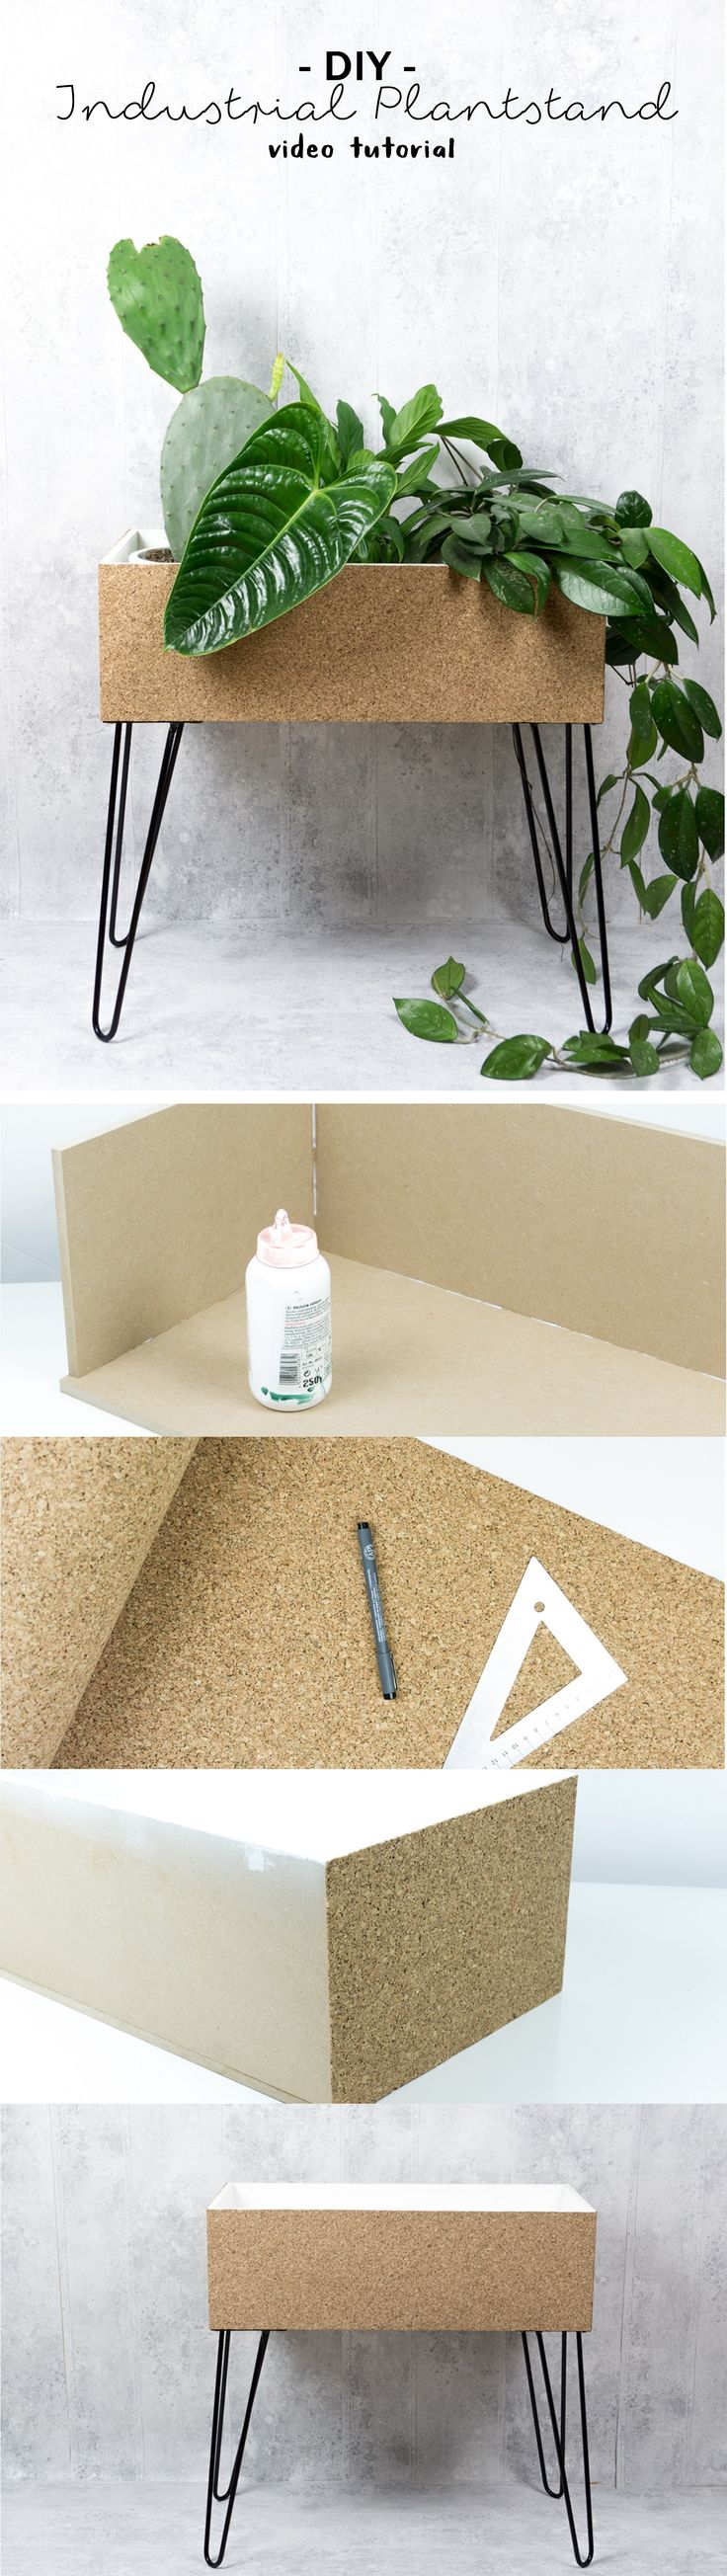 die 25 besten ideen zu gartenm bel selber bauen auf pinterest selber bauen garten m bel und. Black Bedroom Furniture Sets. Home Design Ideas